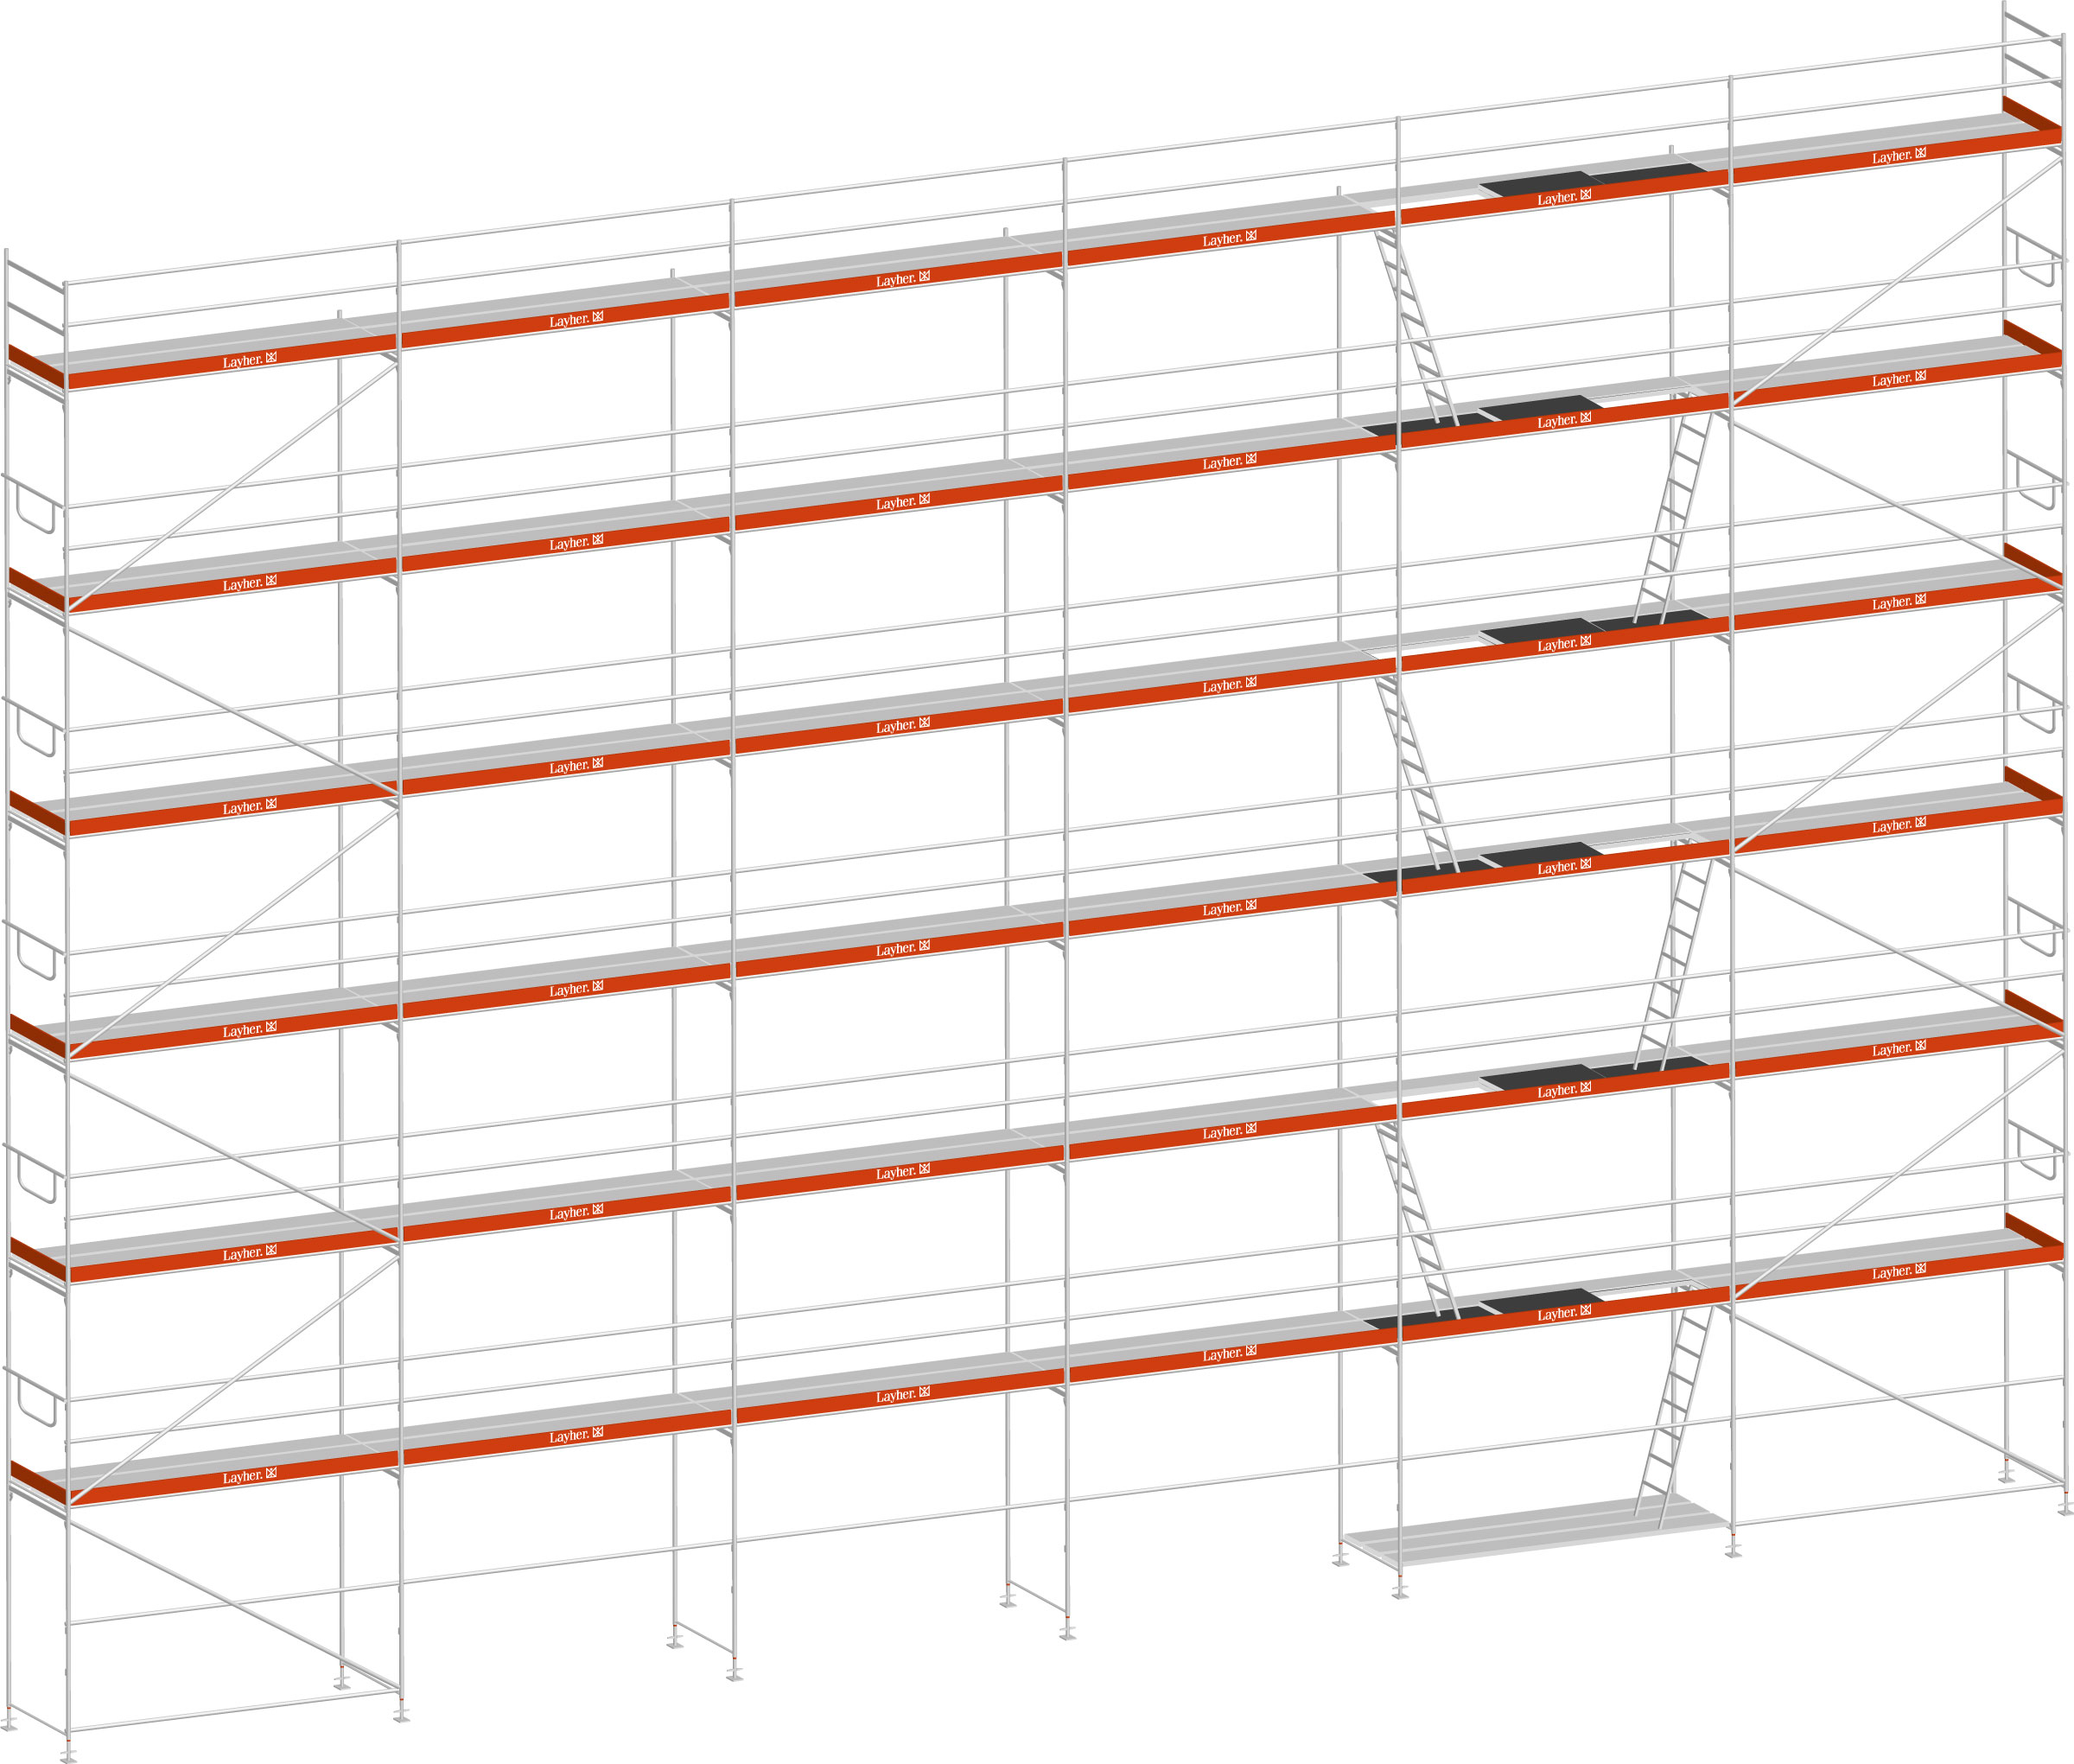 Layher Blitz Gerüst 100 Stahl 219 m²